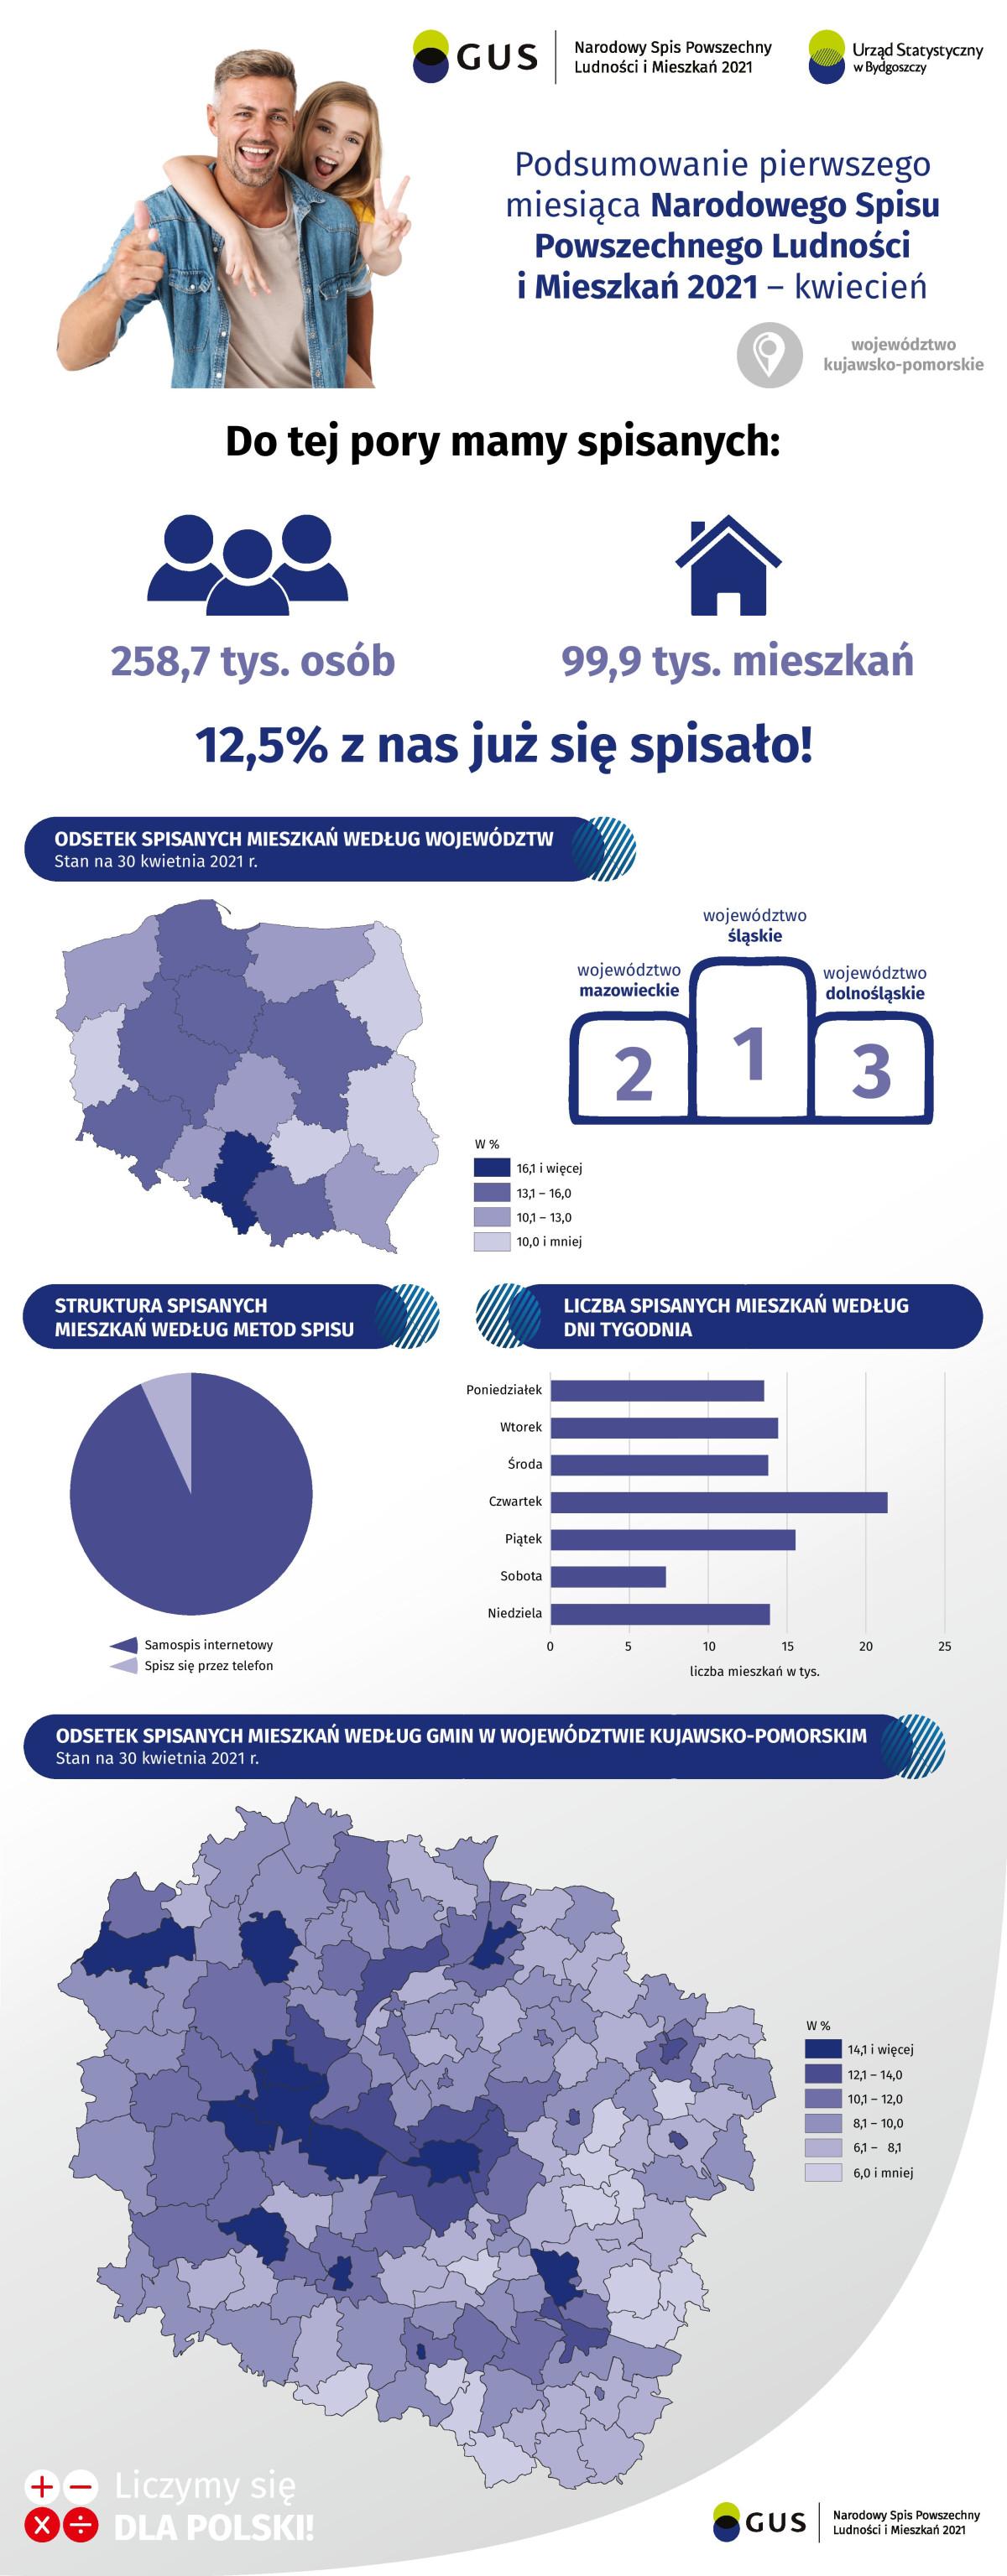 infografika_Podsumowanie pierwszego miesiąca NSP2021_kwiecień-page-001